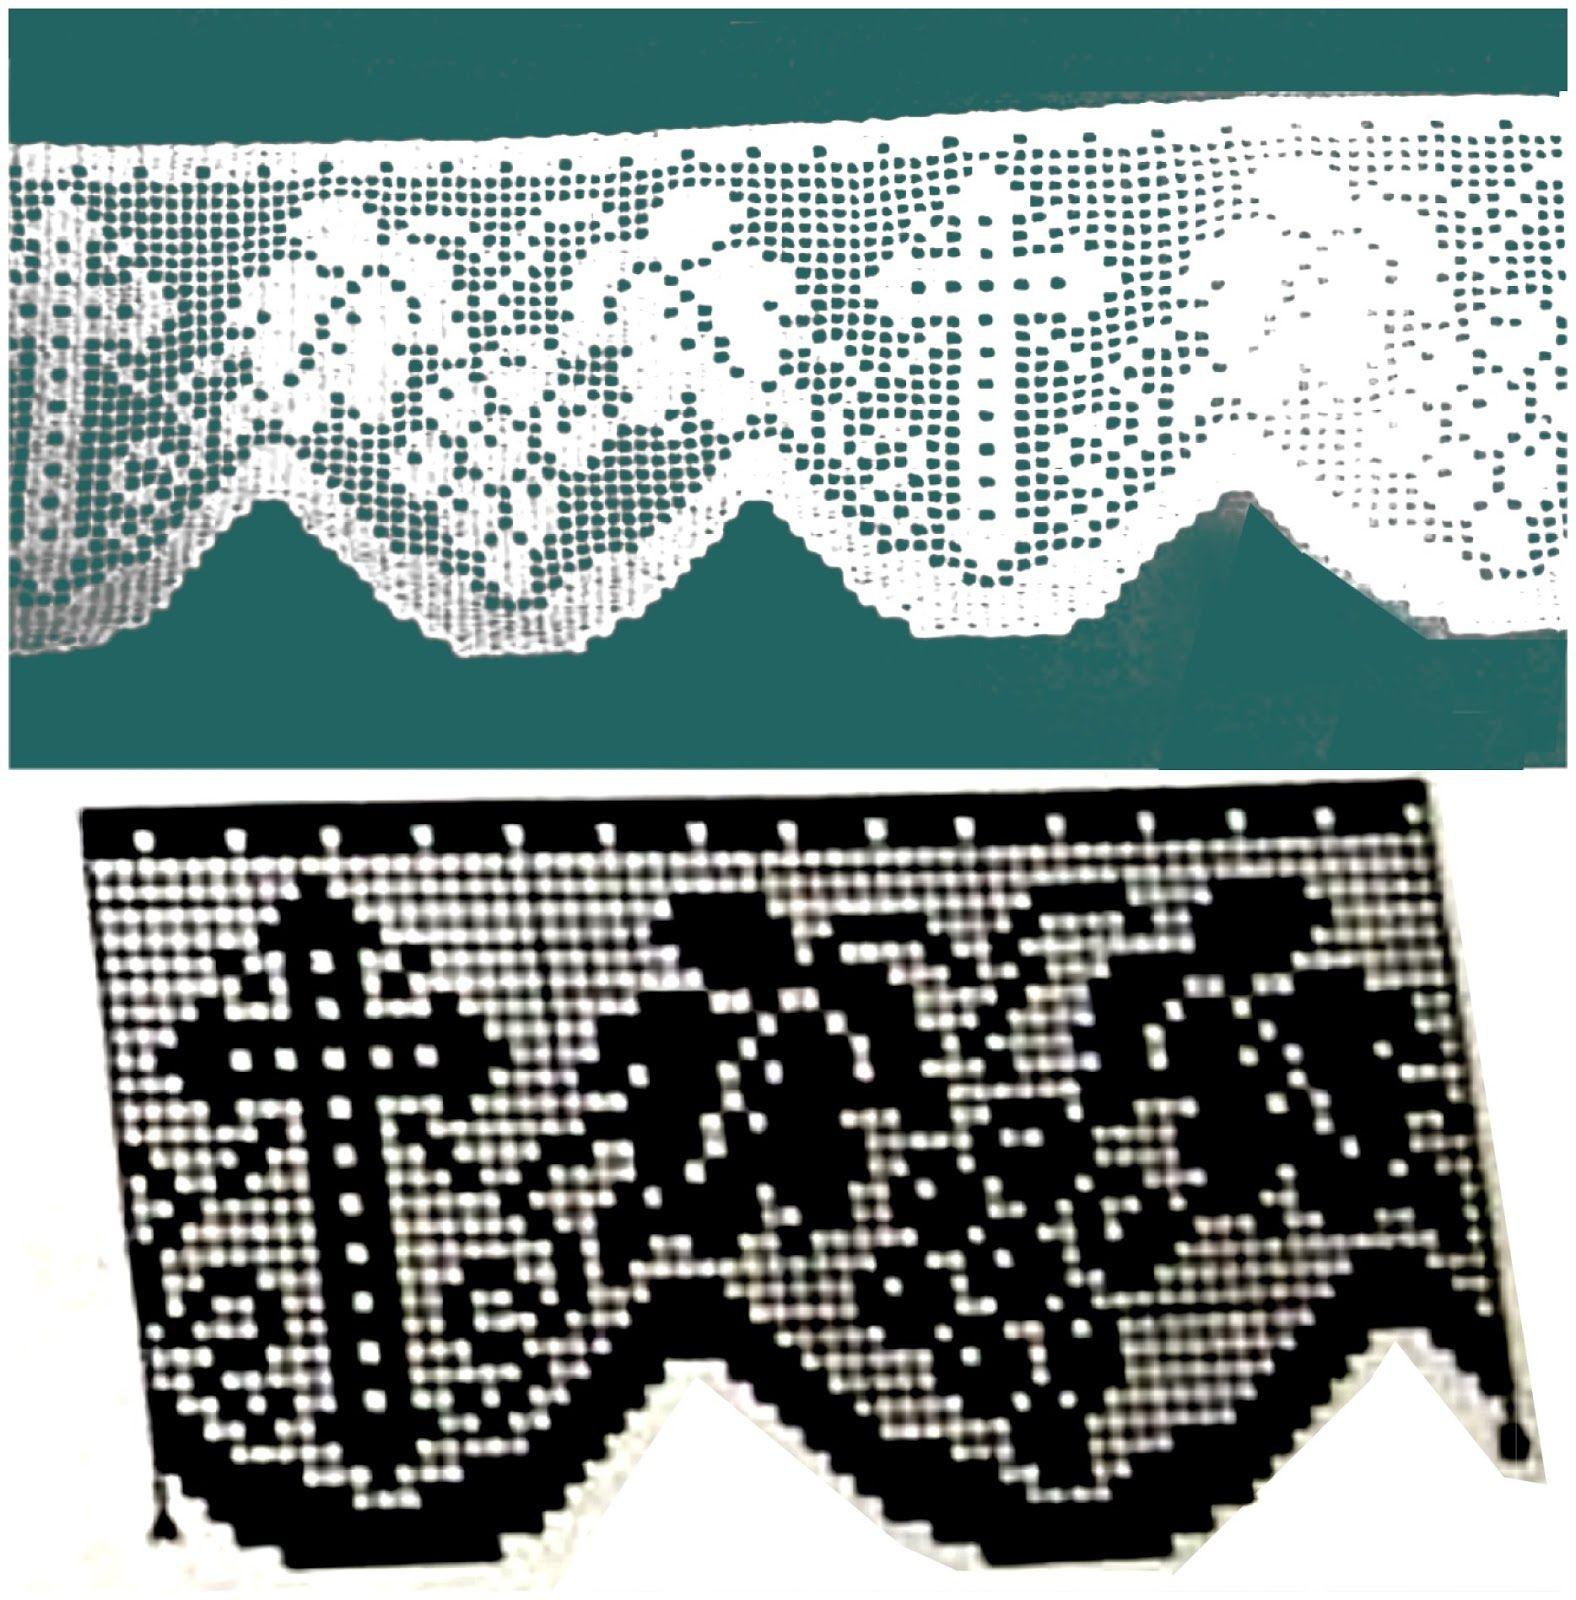 Miria croch s e pinturas barrados de croch com motivos for Disenos de cenefas